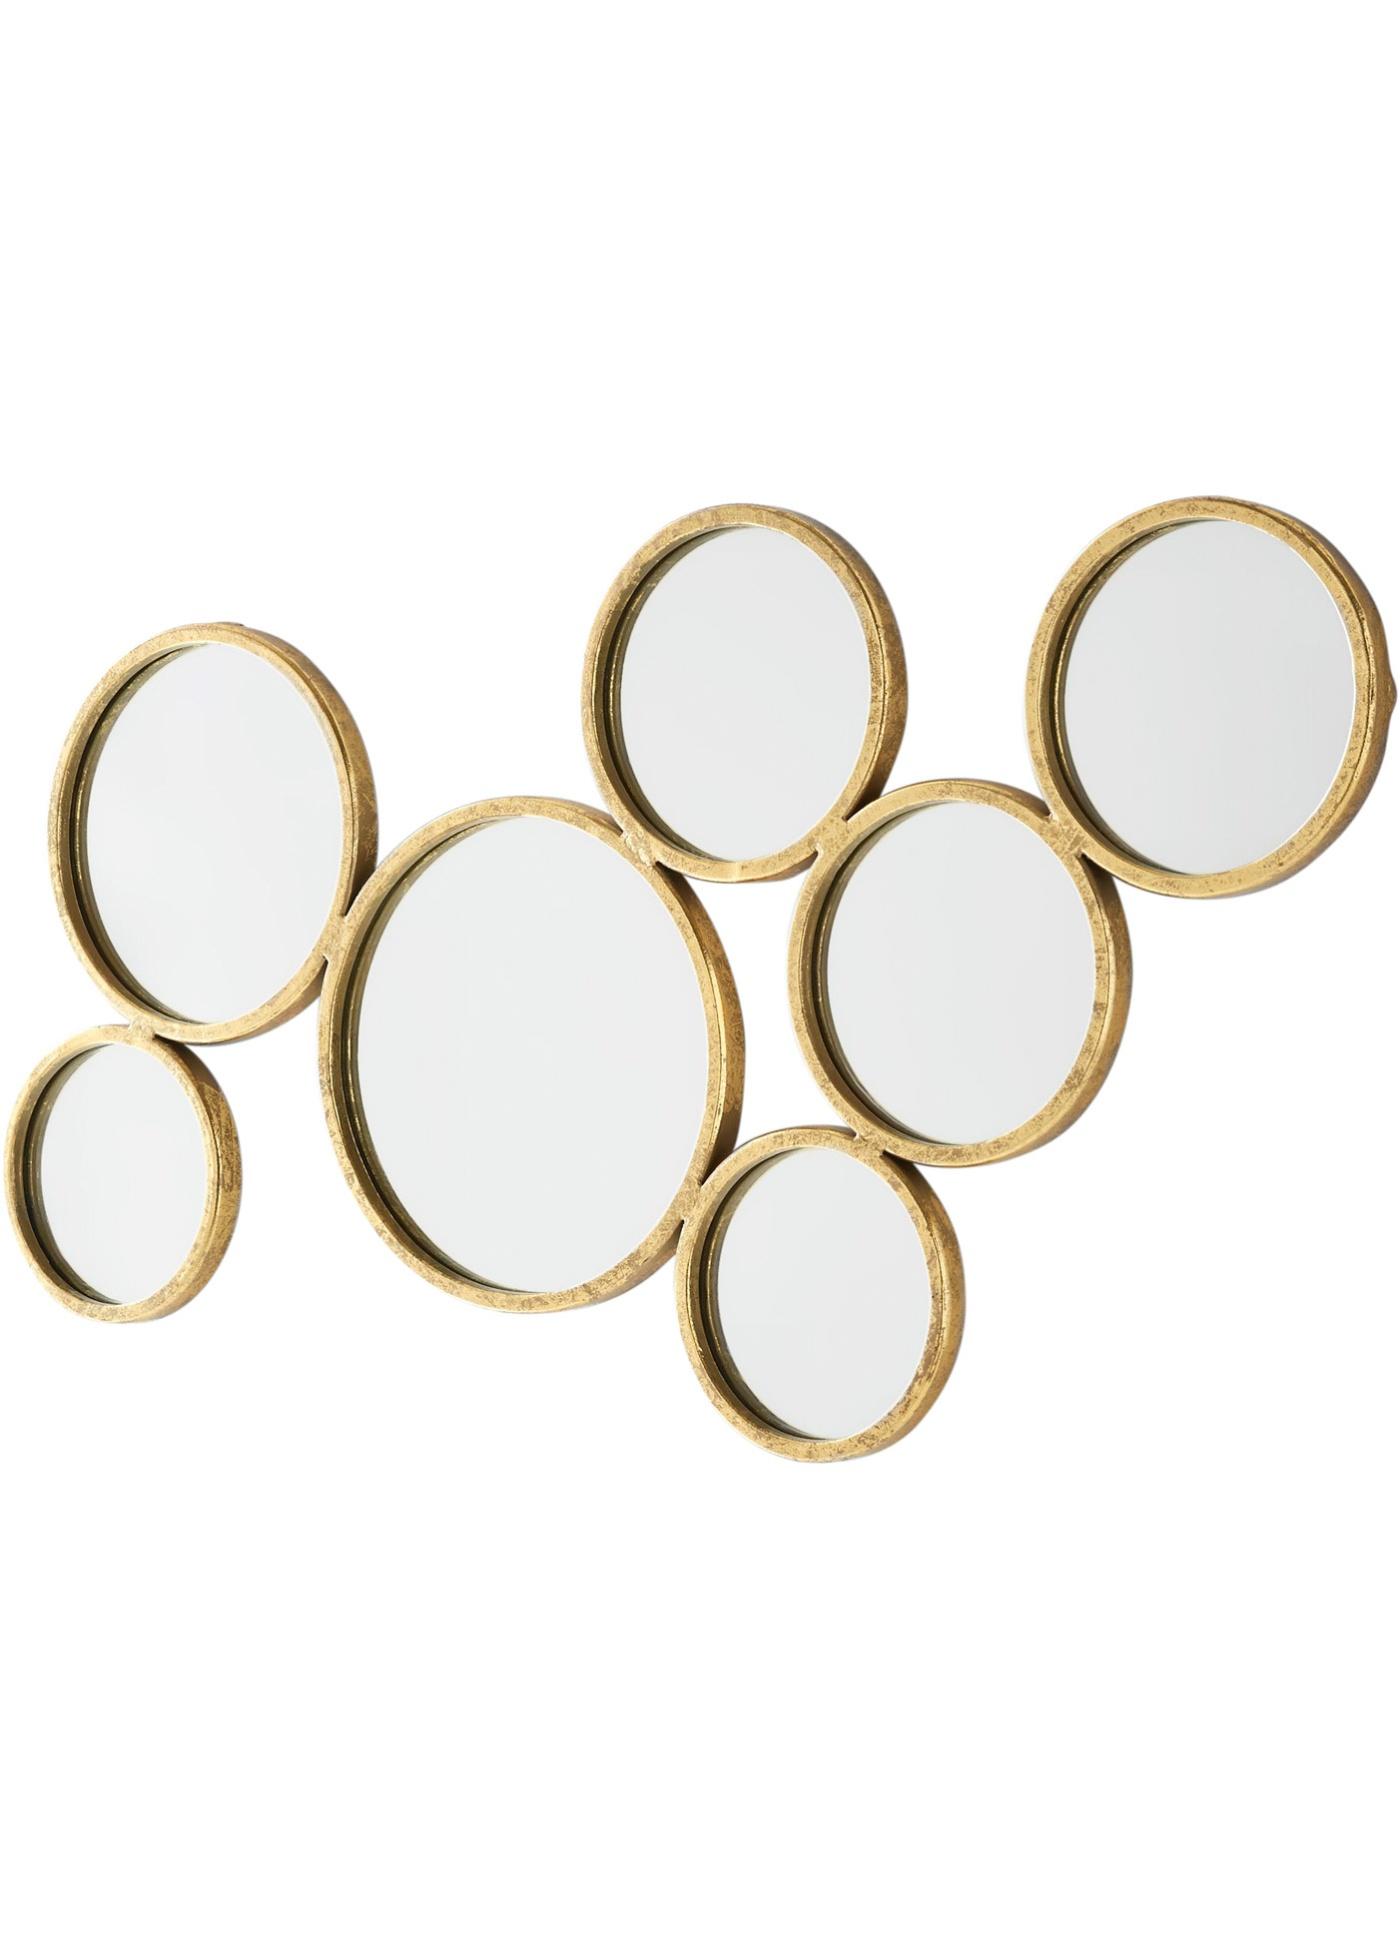 Decorazione da parete con specchio (Oro) - bpc living bonprix collection